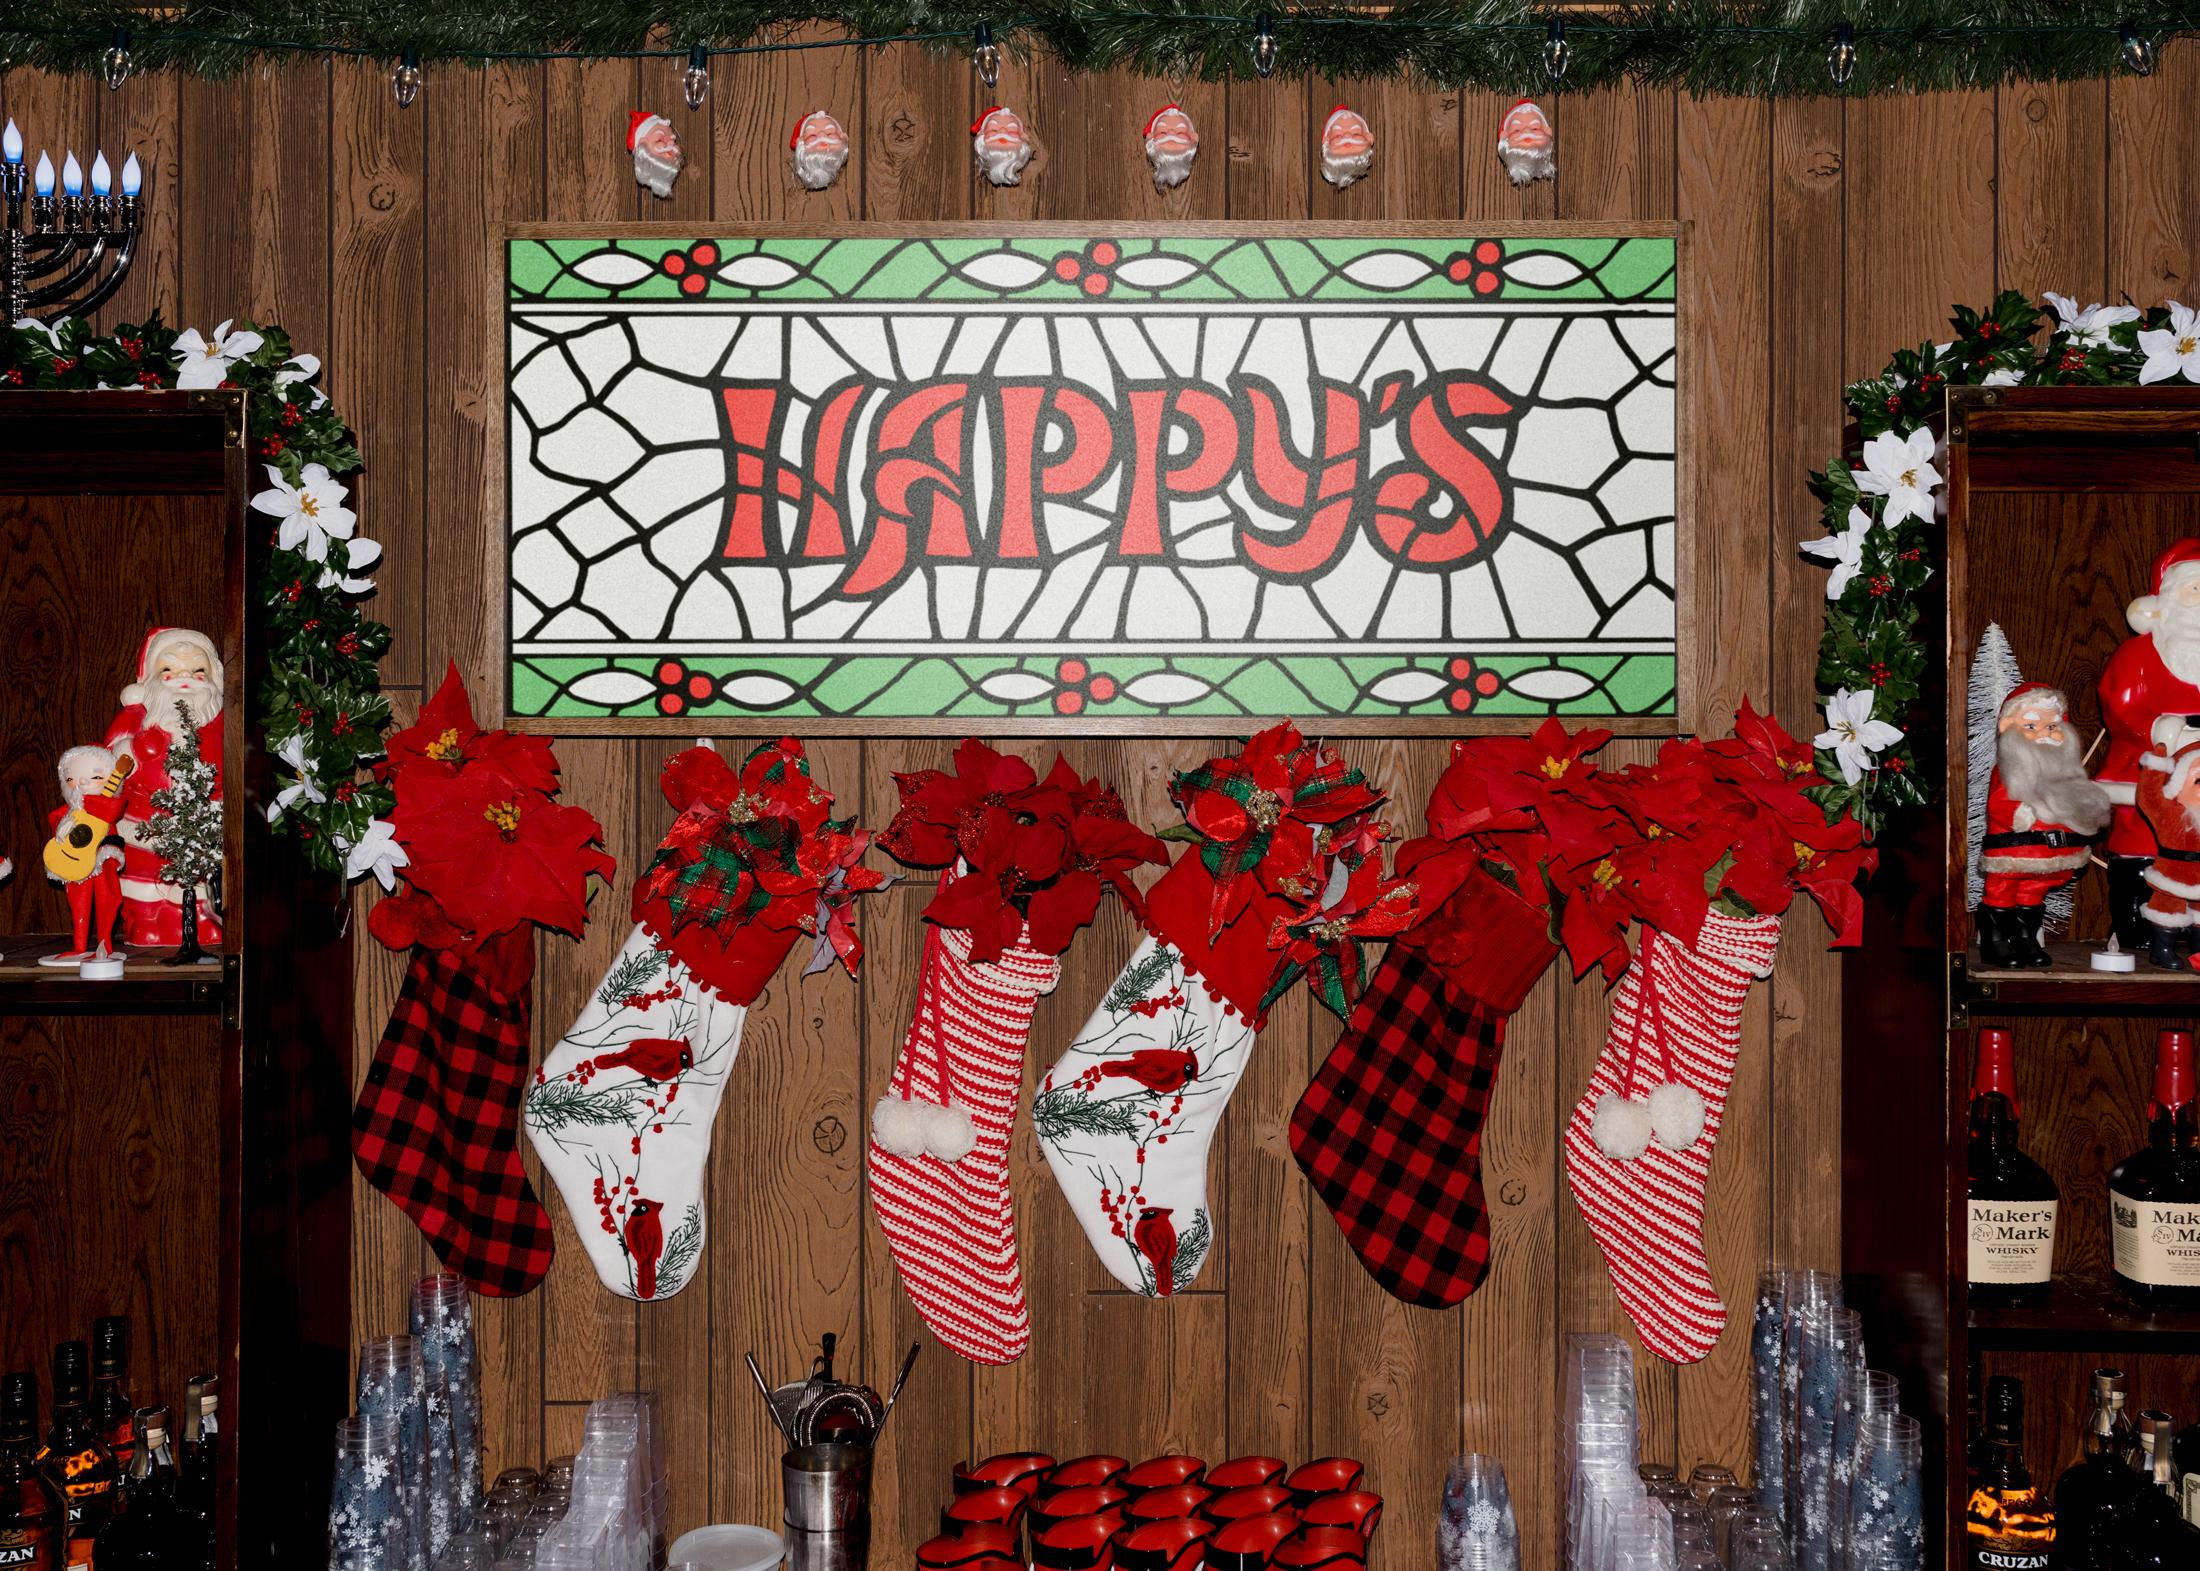 Happys_smaller.jpg